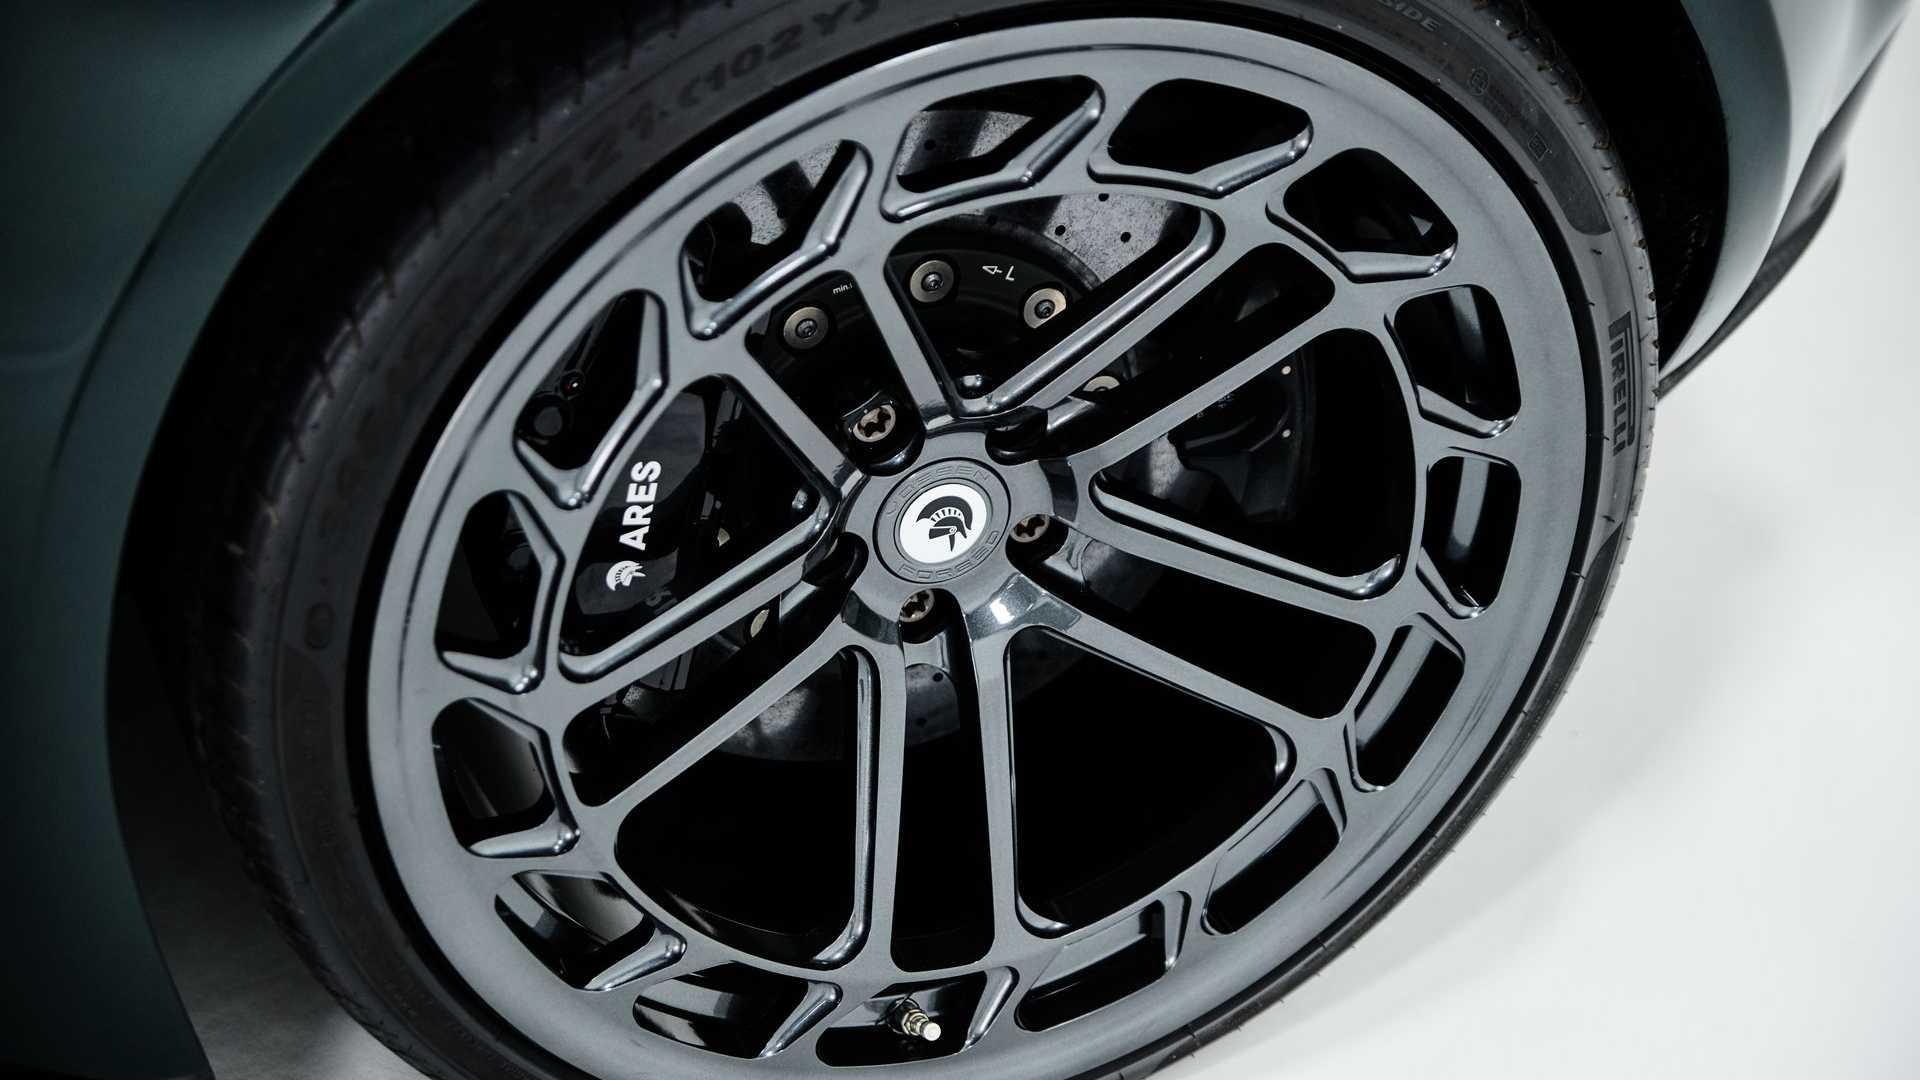 2021-ares-design-progetto-uno-wheel